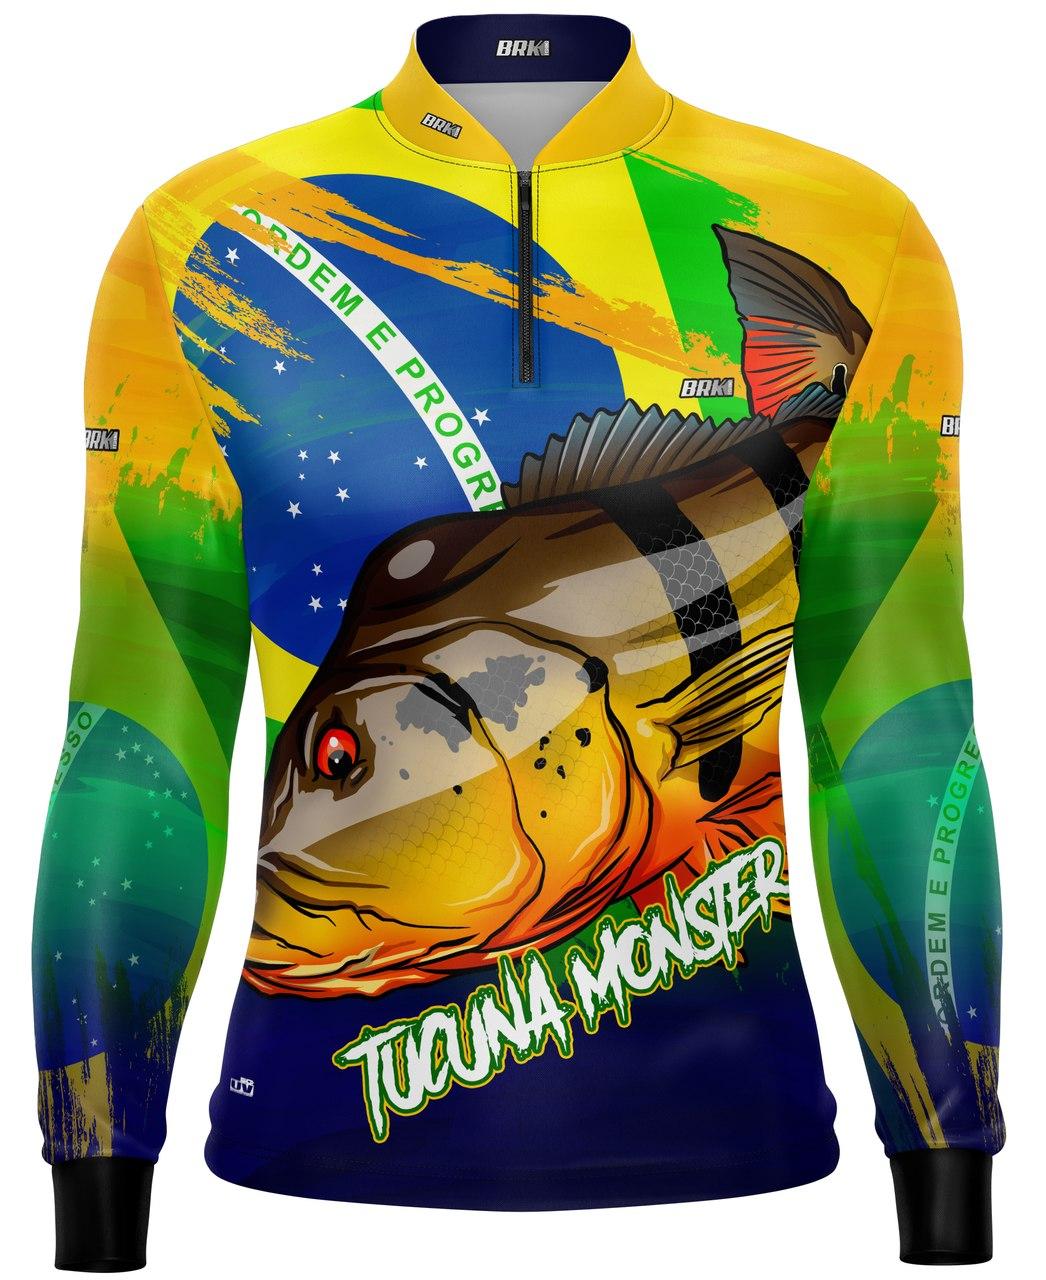 Camisa de Pesca Brk Tucunaré Açu Brasil com Proteção UV 50+